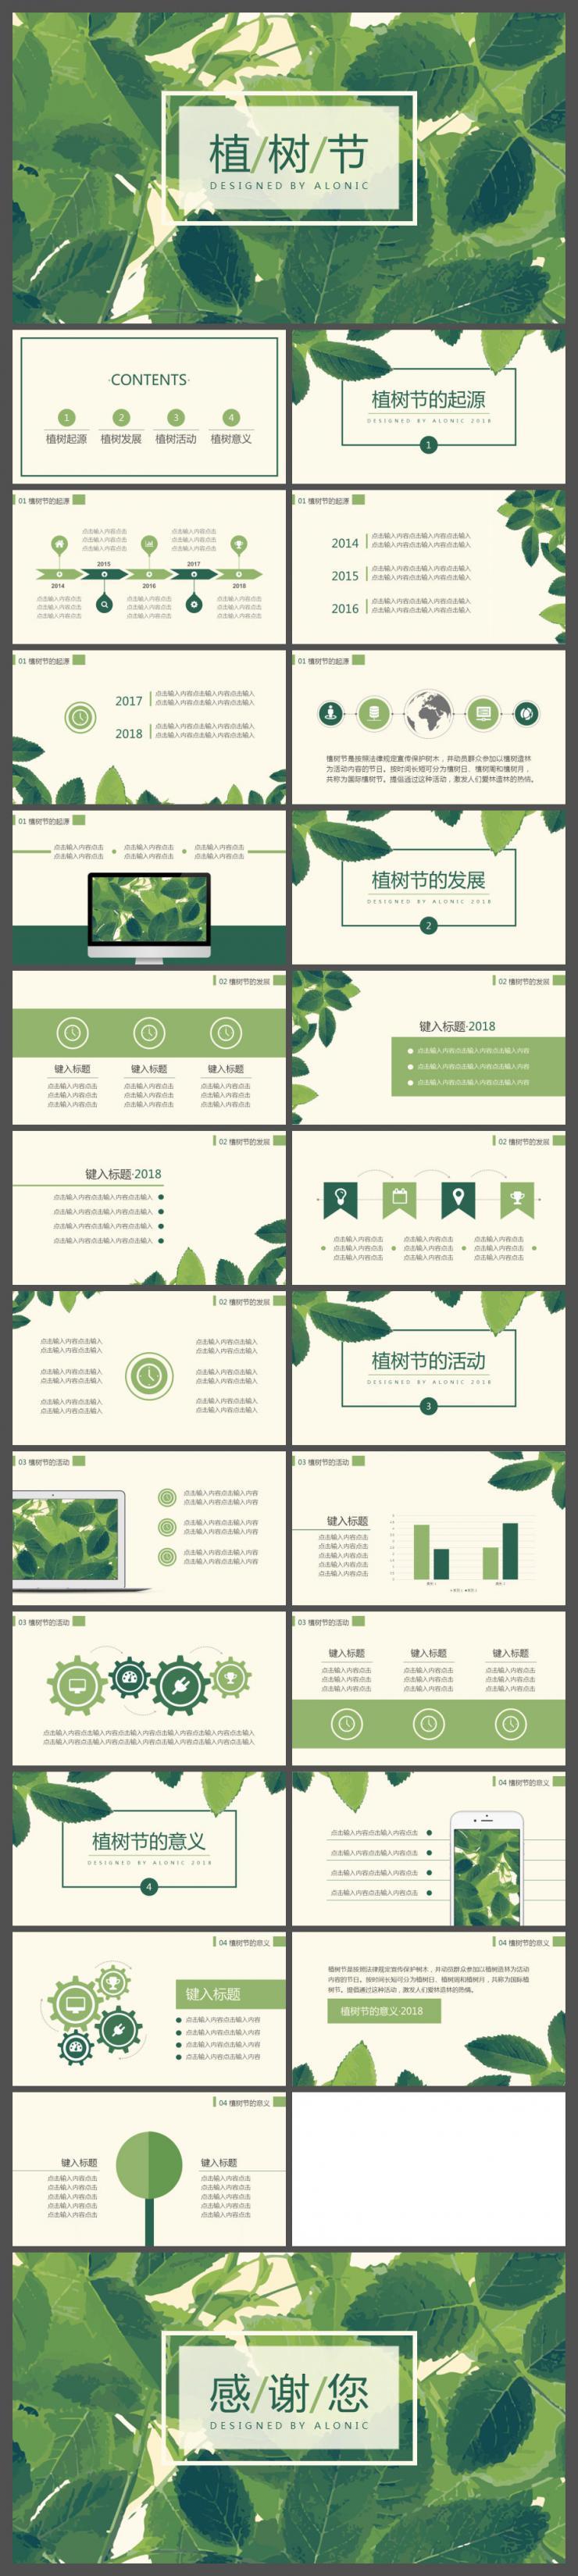 绿色清新植树节活动组织策划PPT模板